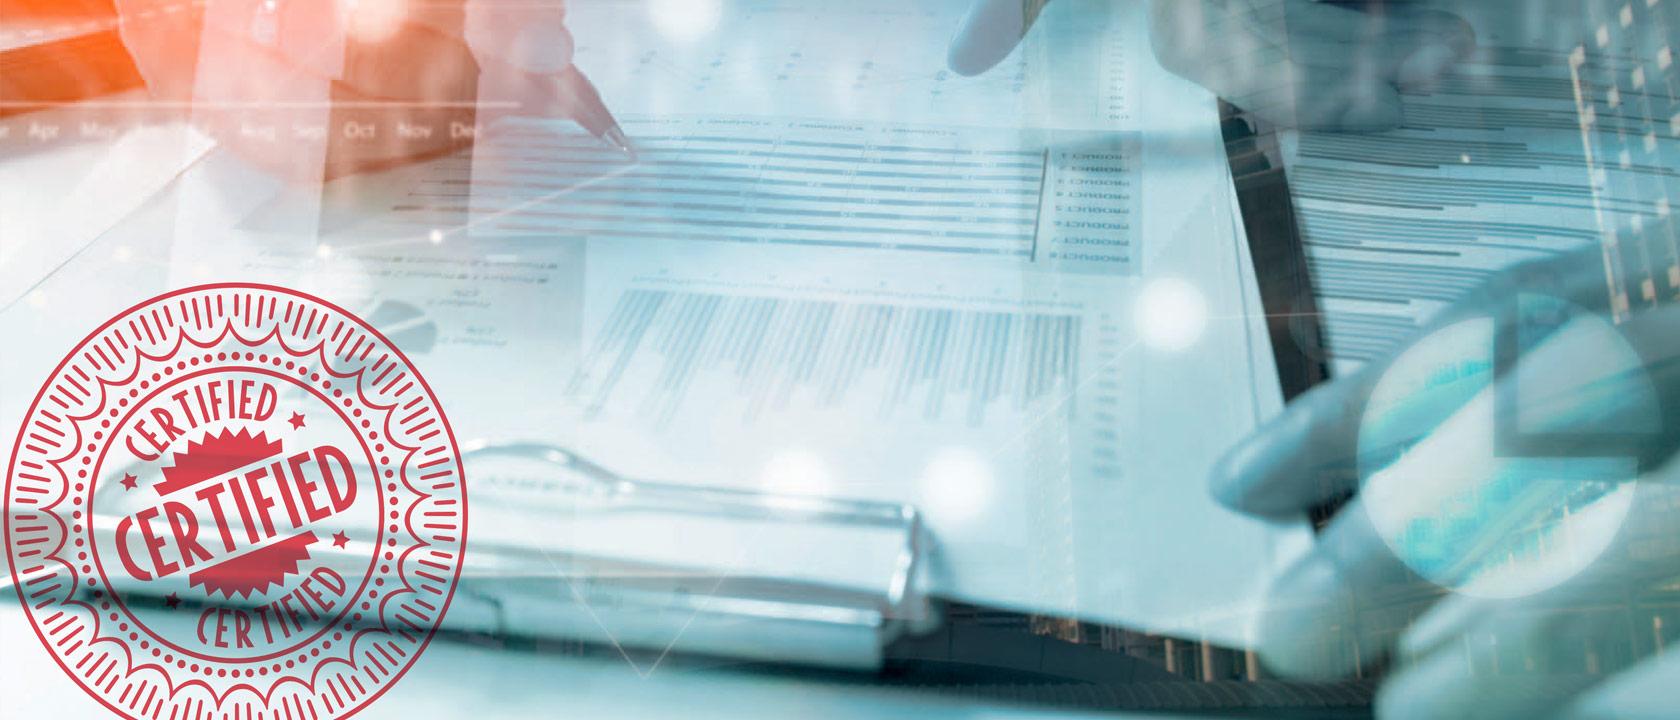 Impresa-Curti-Costruzioni-Como-Certificazioni-header-001.jpg